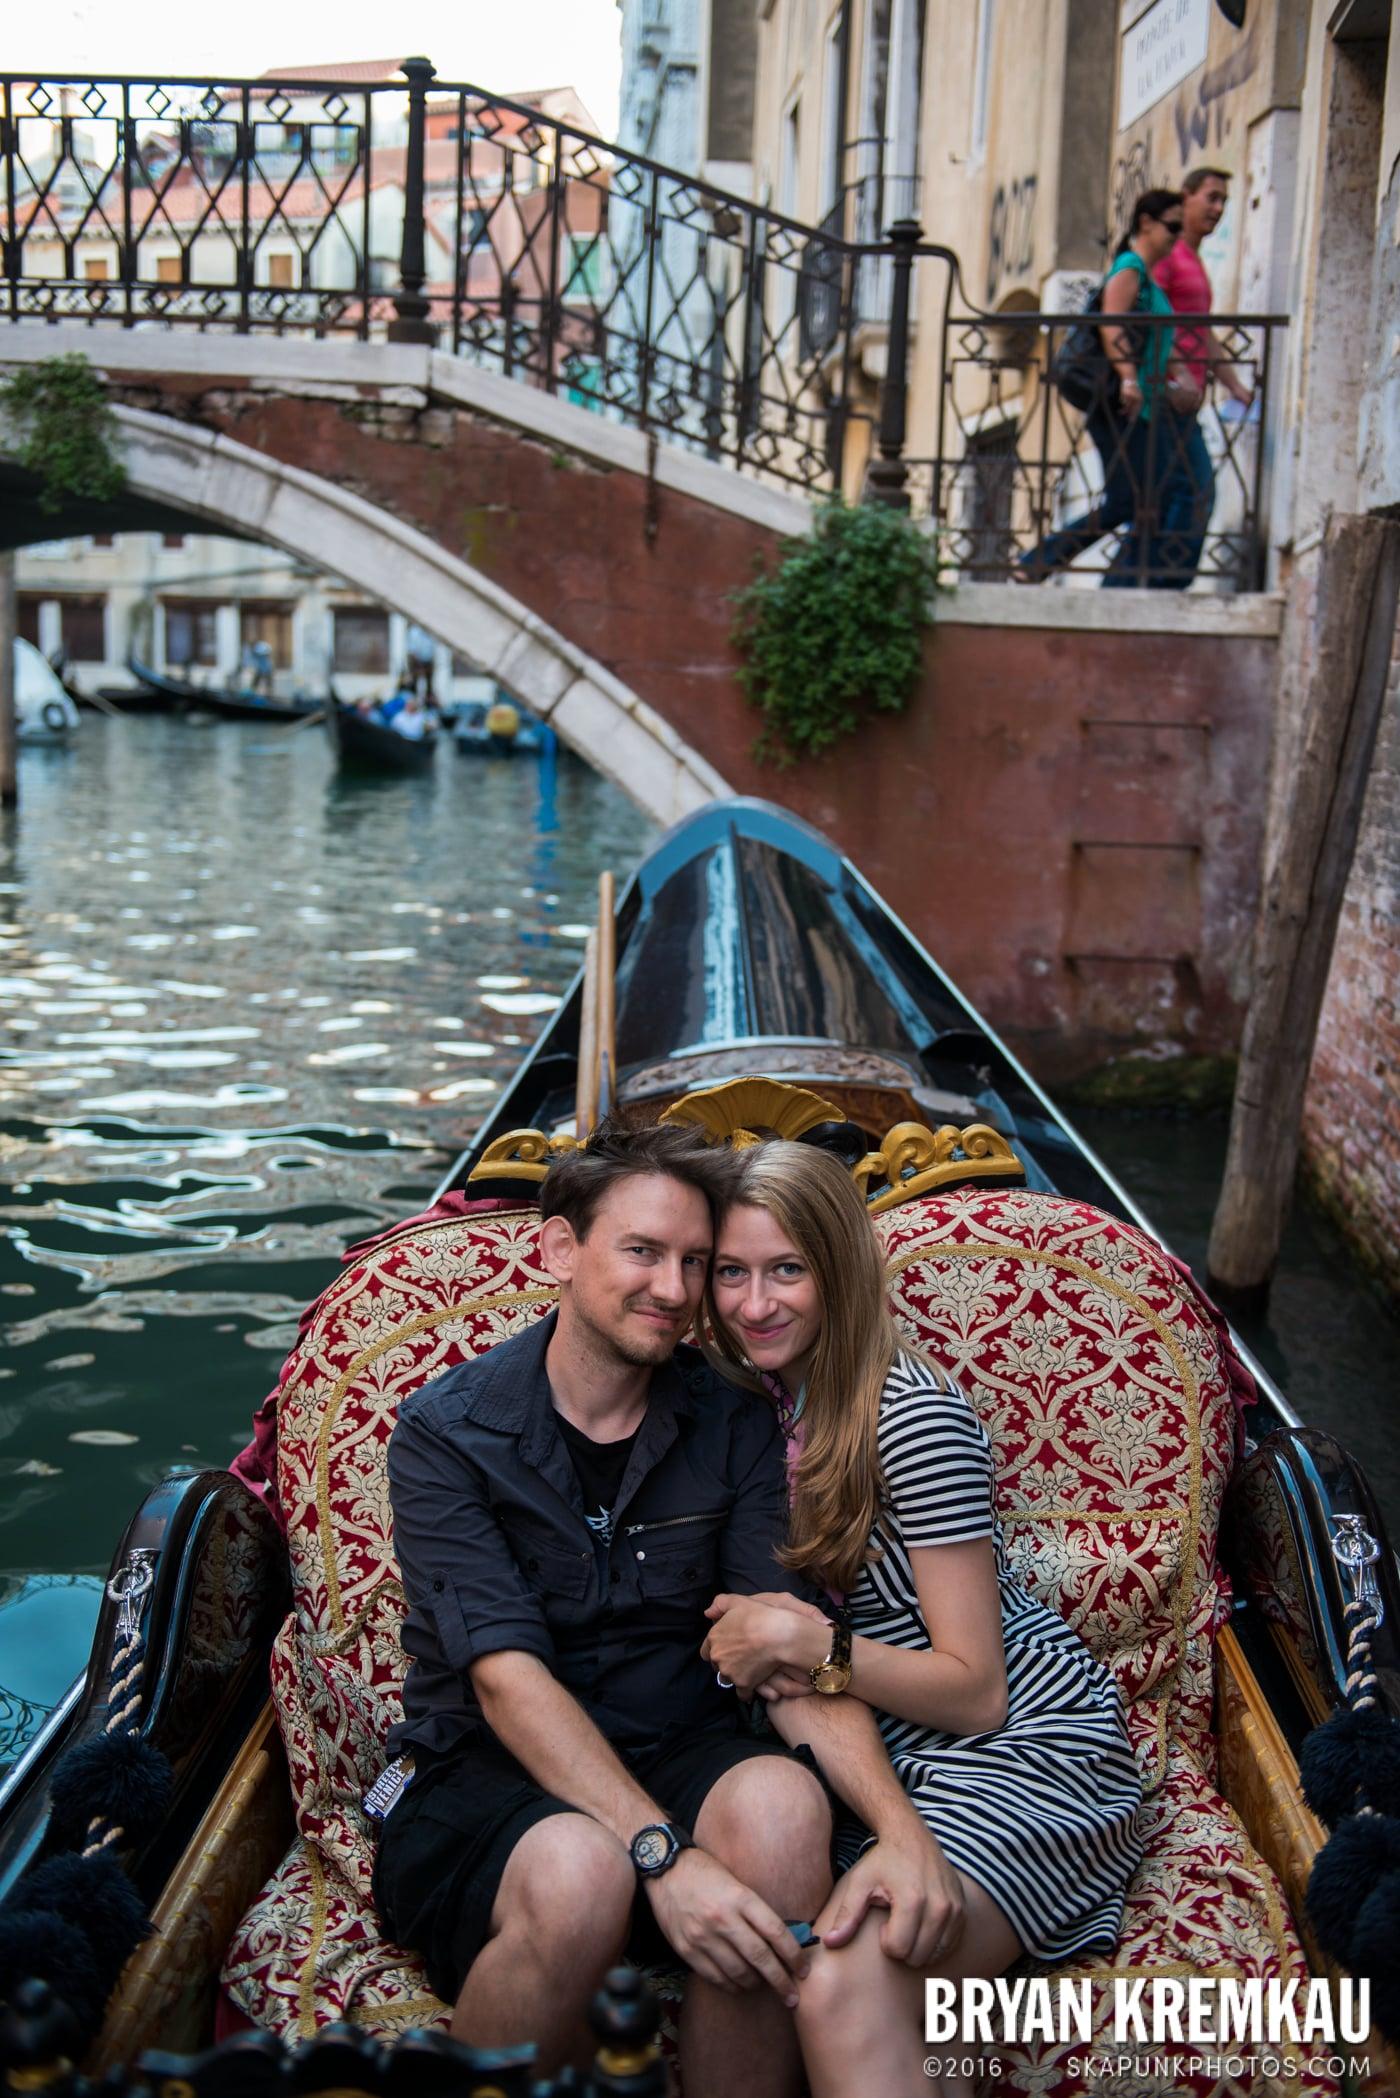 Italy Vacation - Day 5: Venice - 9.13.13 (11)